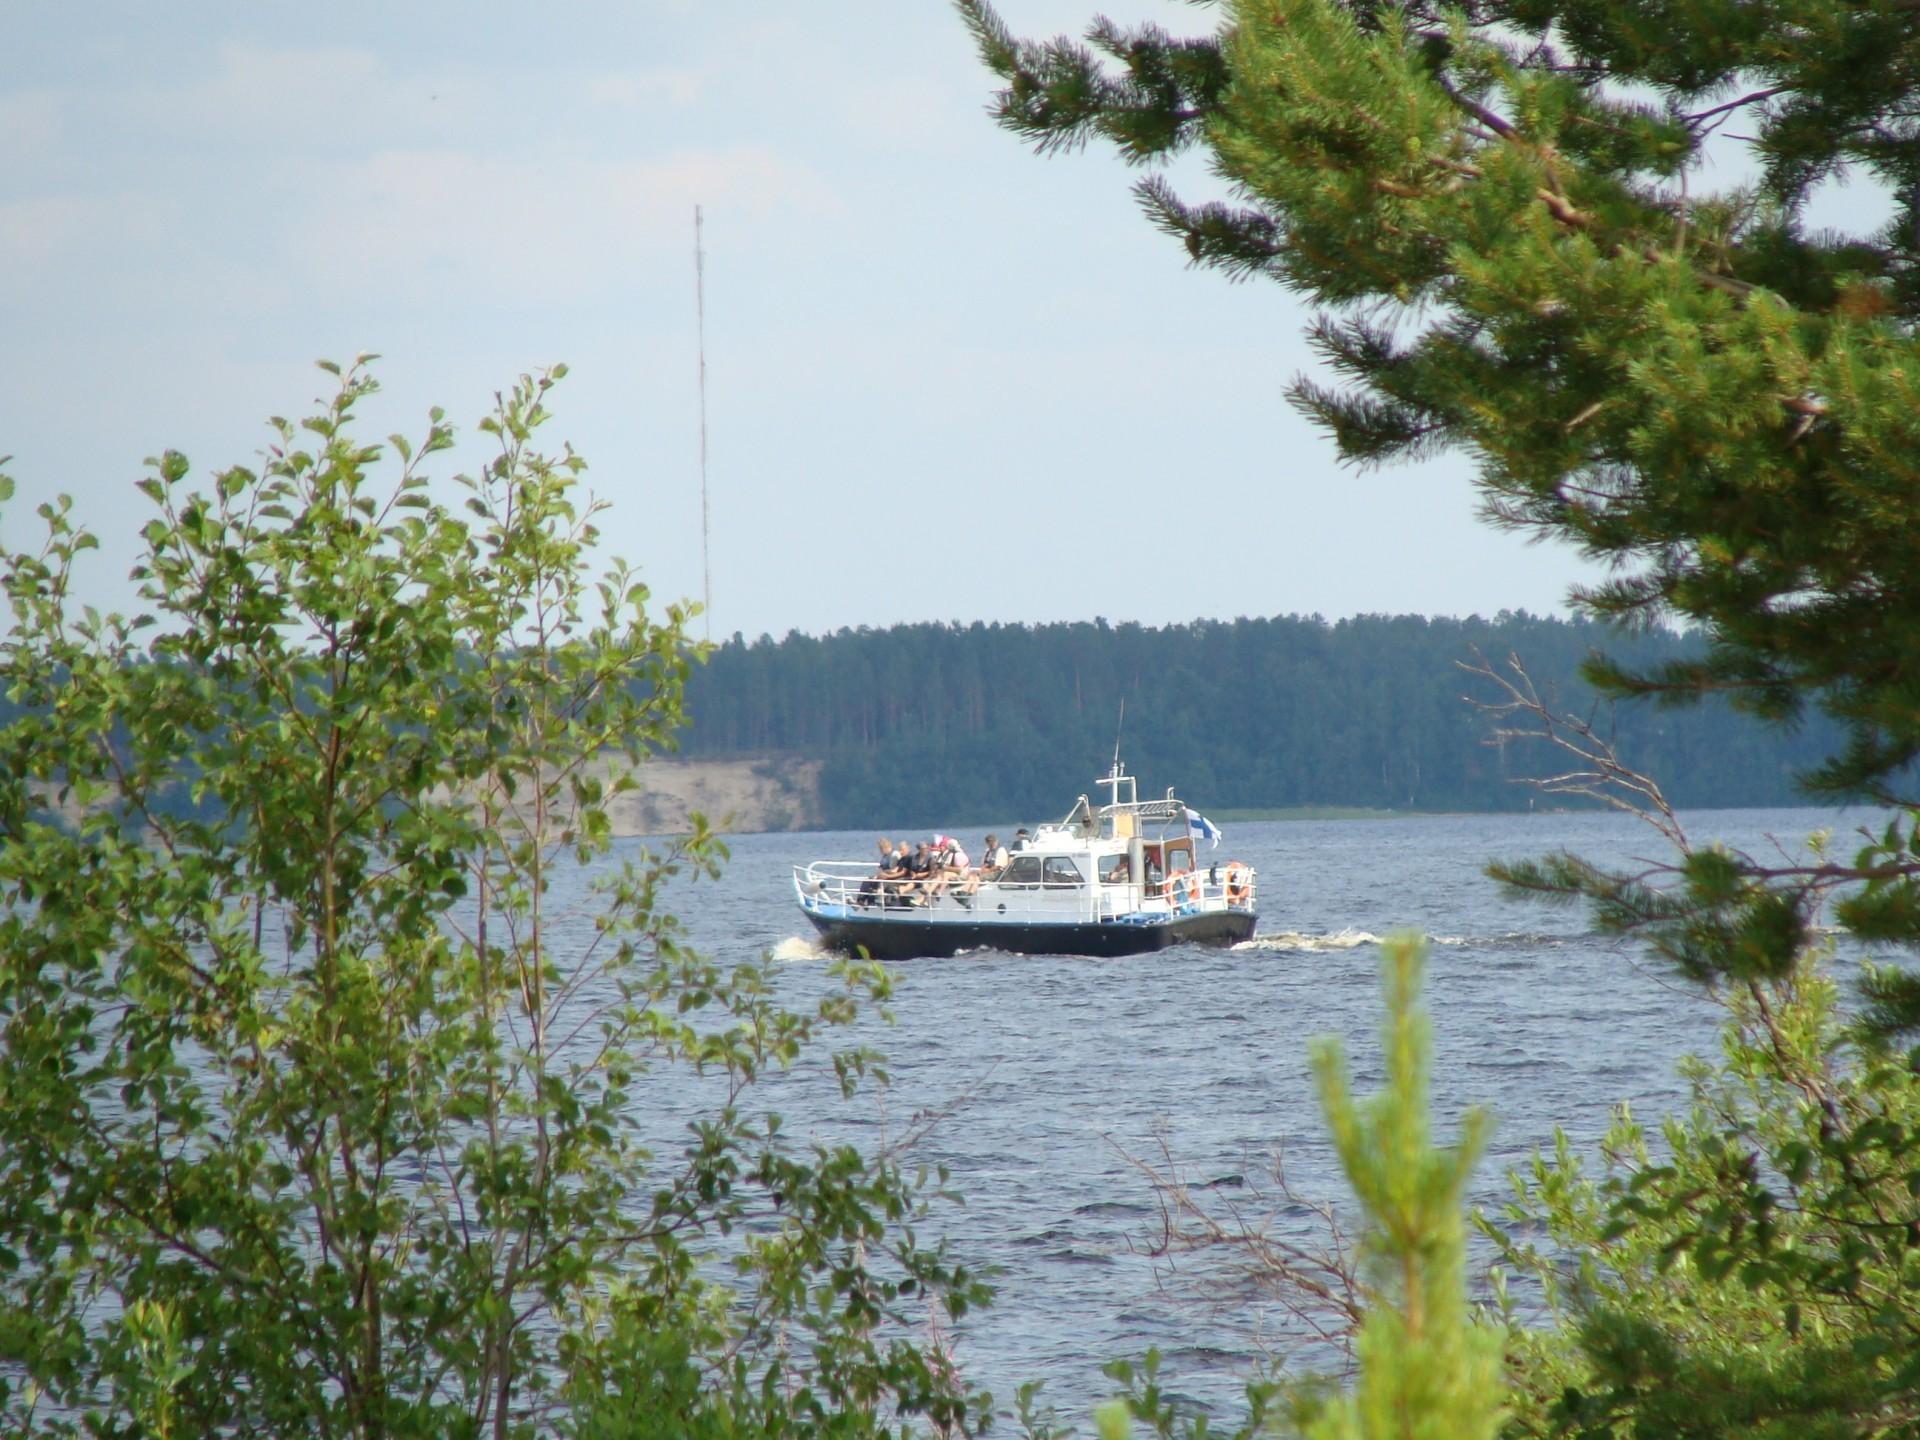 Helteillä järvellä on vilskettä, mutta muulloin Oulujärven aavoilla ei juuri veneitä näy.